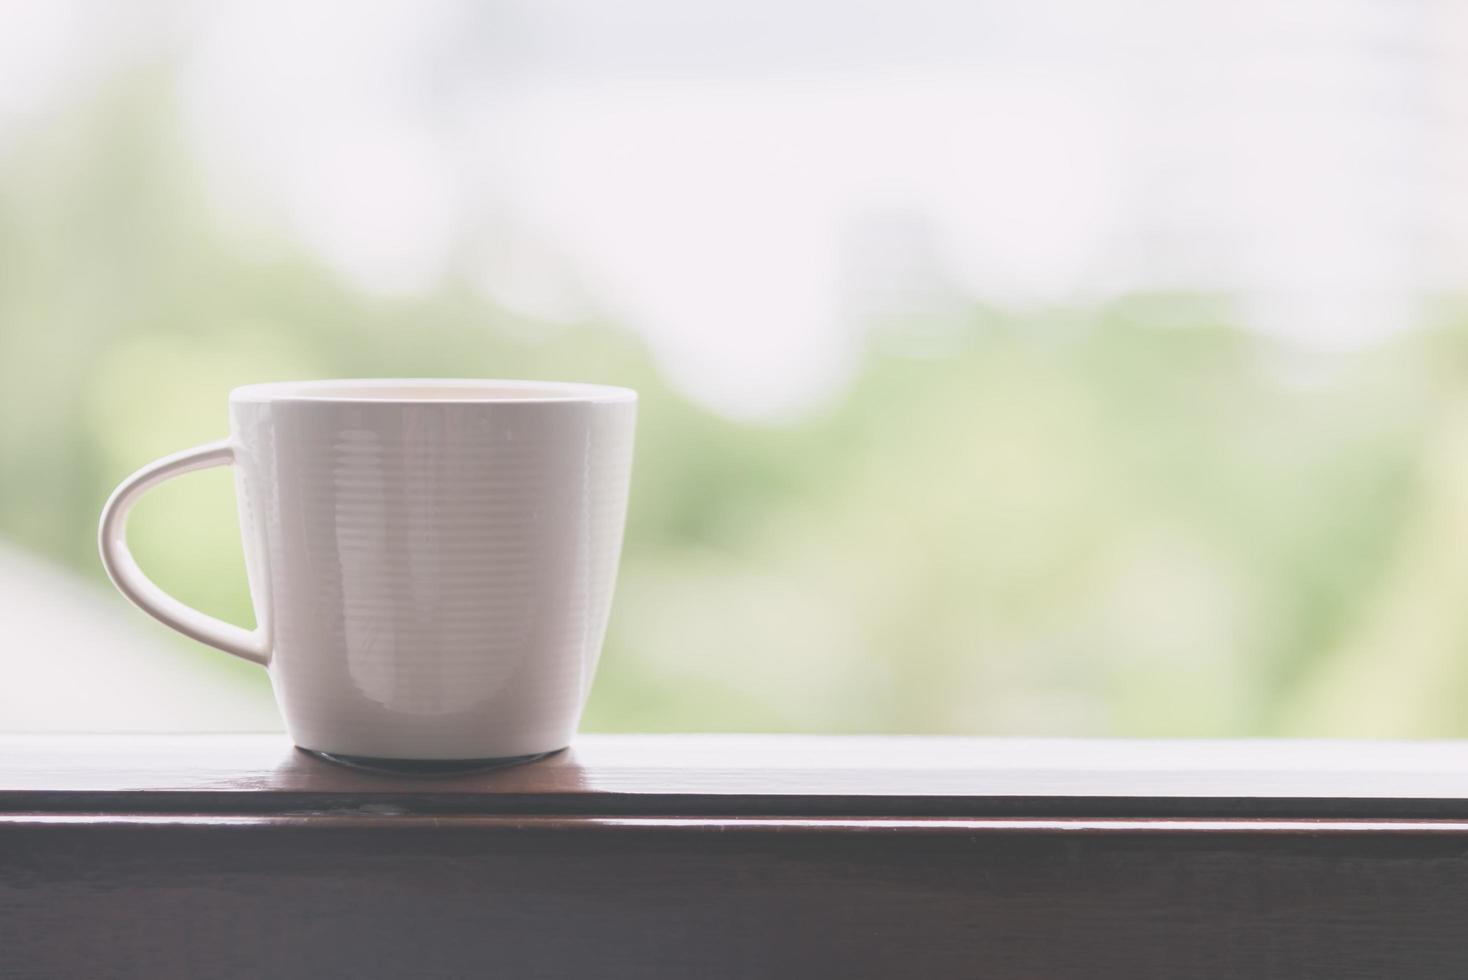 witte koffiekopje met uitzicht naar buiten - vintage filtereffect foto